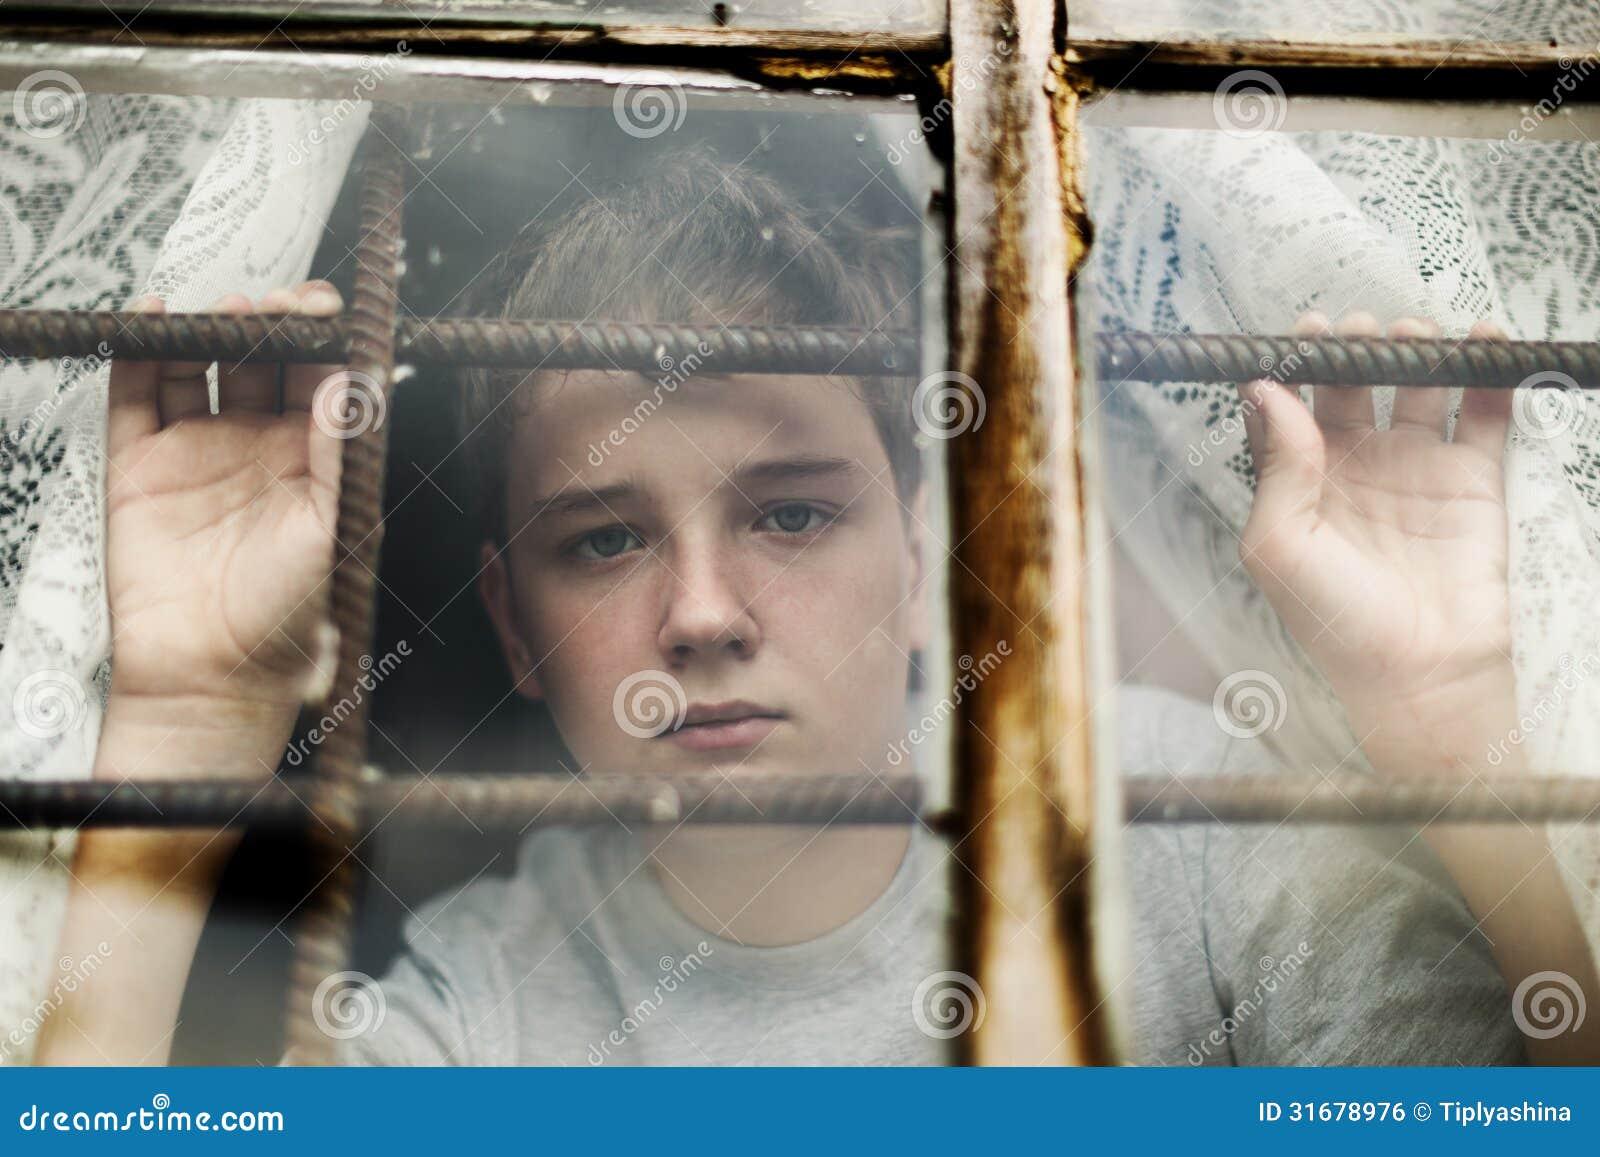 Le garçon regarde hors de la fenêtre par un trellis